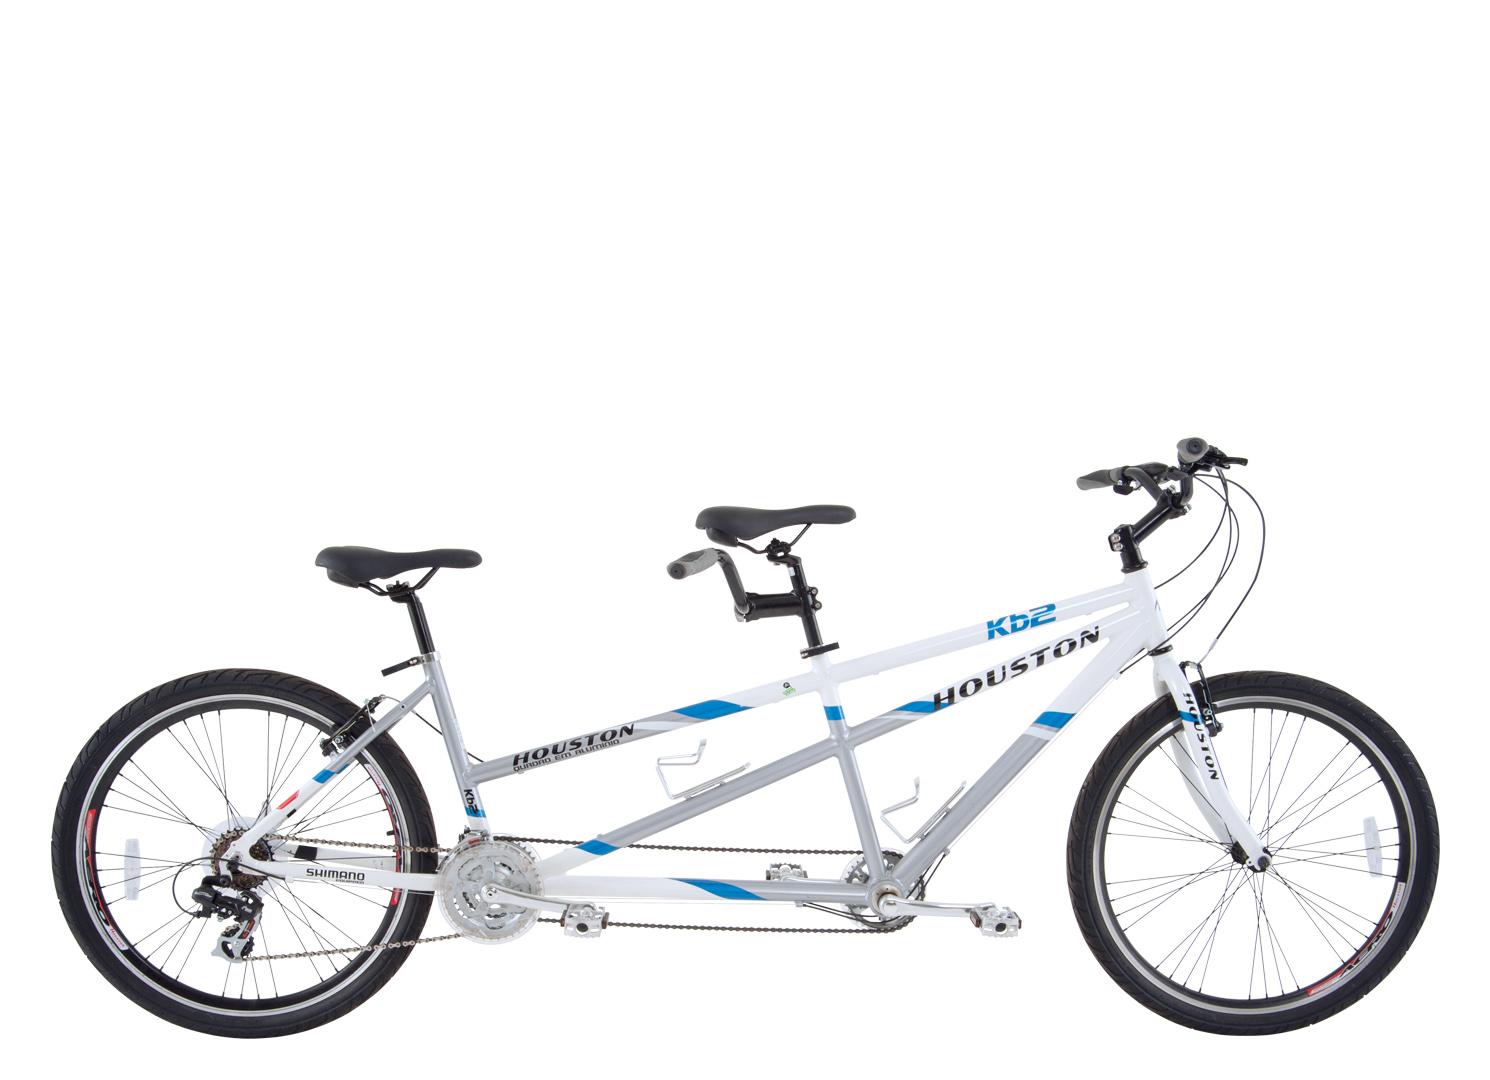 #167AB5 Eu Vou de Bike – Bicicletas Lazer e Transporte Urbano » tandem 920 Onde Comprar Janelas De Aluminio Em Porto Alegre